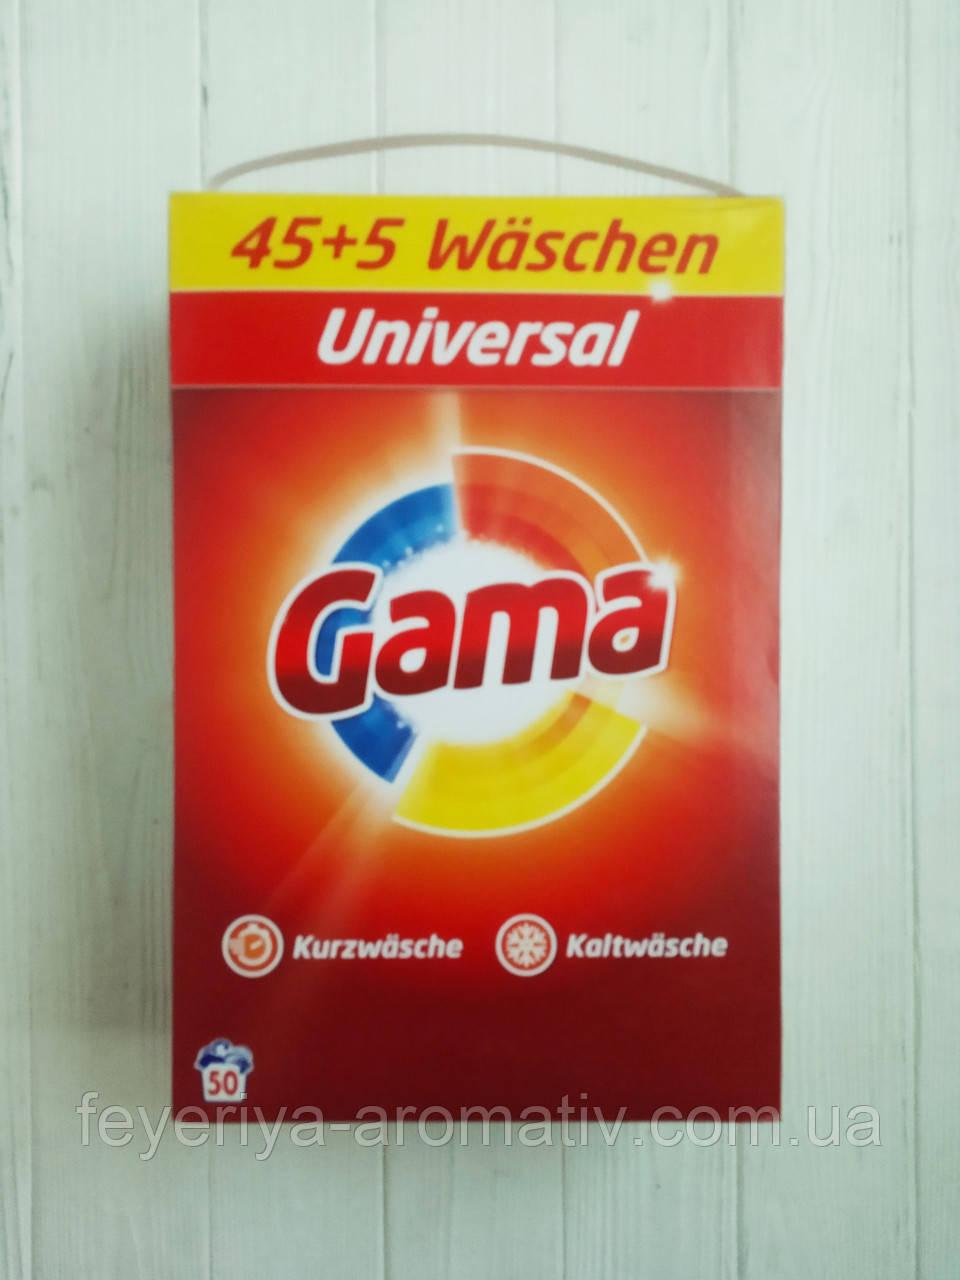 Порошок универсальный для стирки Gama 3in1 (50 стирок) 3,25кг (Испания)